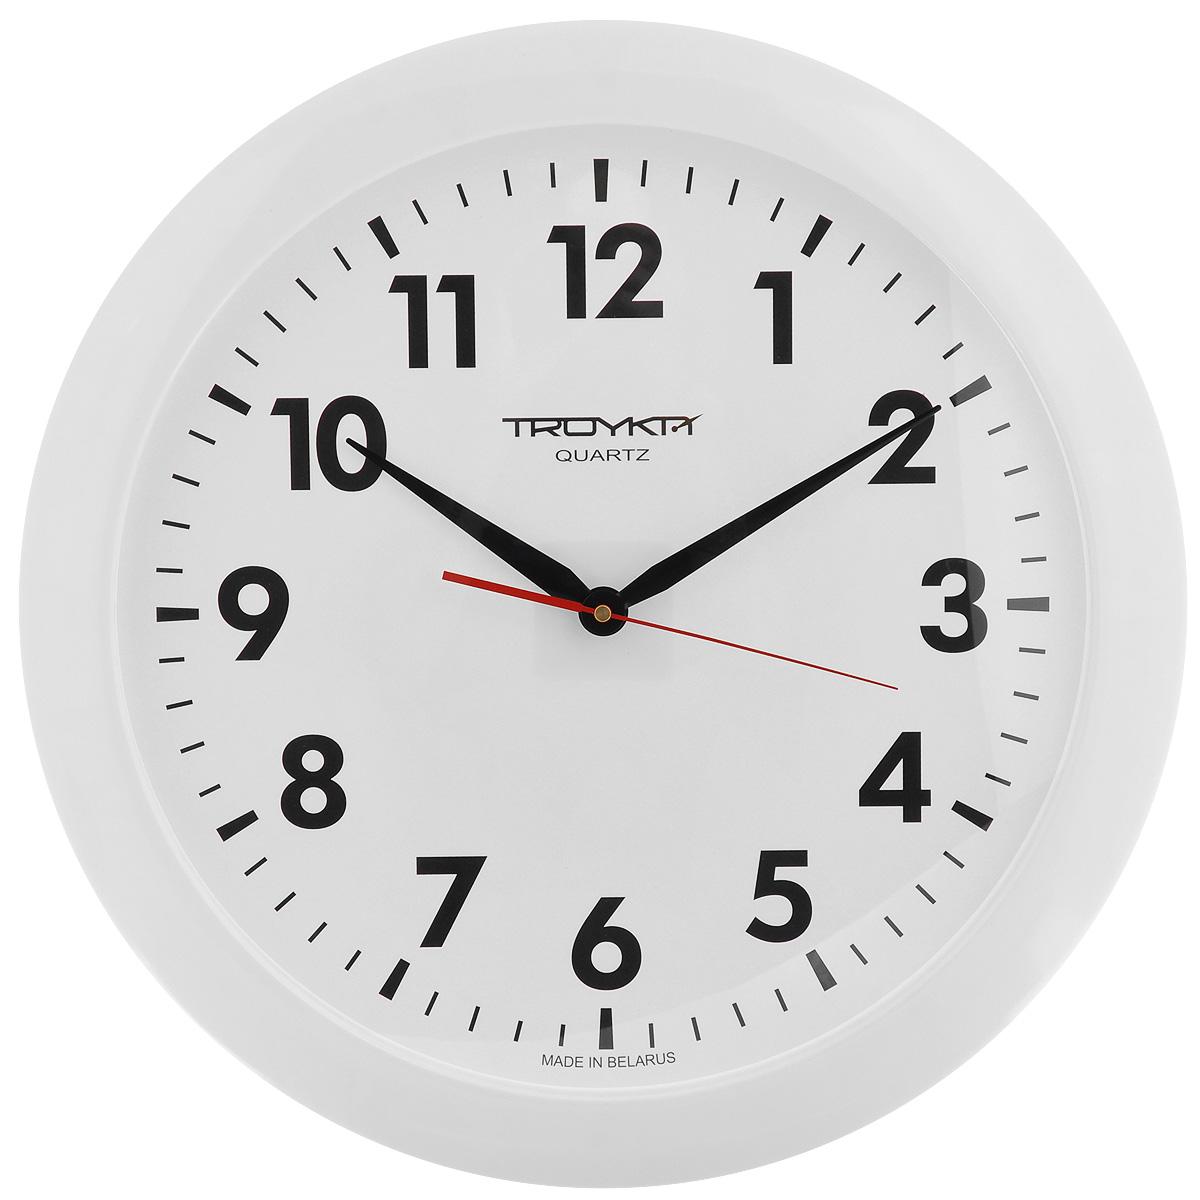 Часы настенные Troyka, цвет: белый. 6161061161610611Настенные кварцевые часы с классическим дизайном Troyka, изготовленные из пластика, прекрасно подойдут под интерьер вашего дома. Круглые часы имеют три стрелки: часовую, минутную и секундную, циферблат защищен прозрачным пластиком. Диаметр часов: 50 см. Часы работают от 1 батарейки типа АА напряжением 1,5 В (входит в комплект).